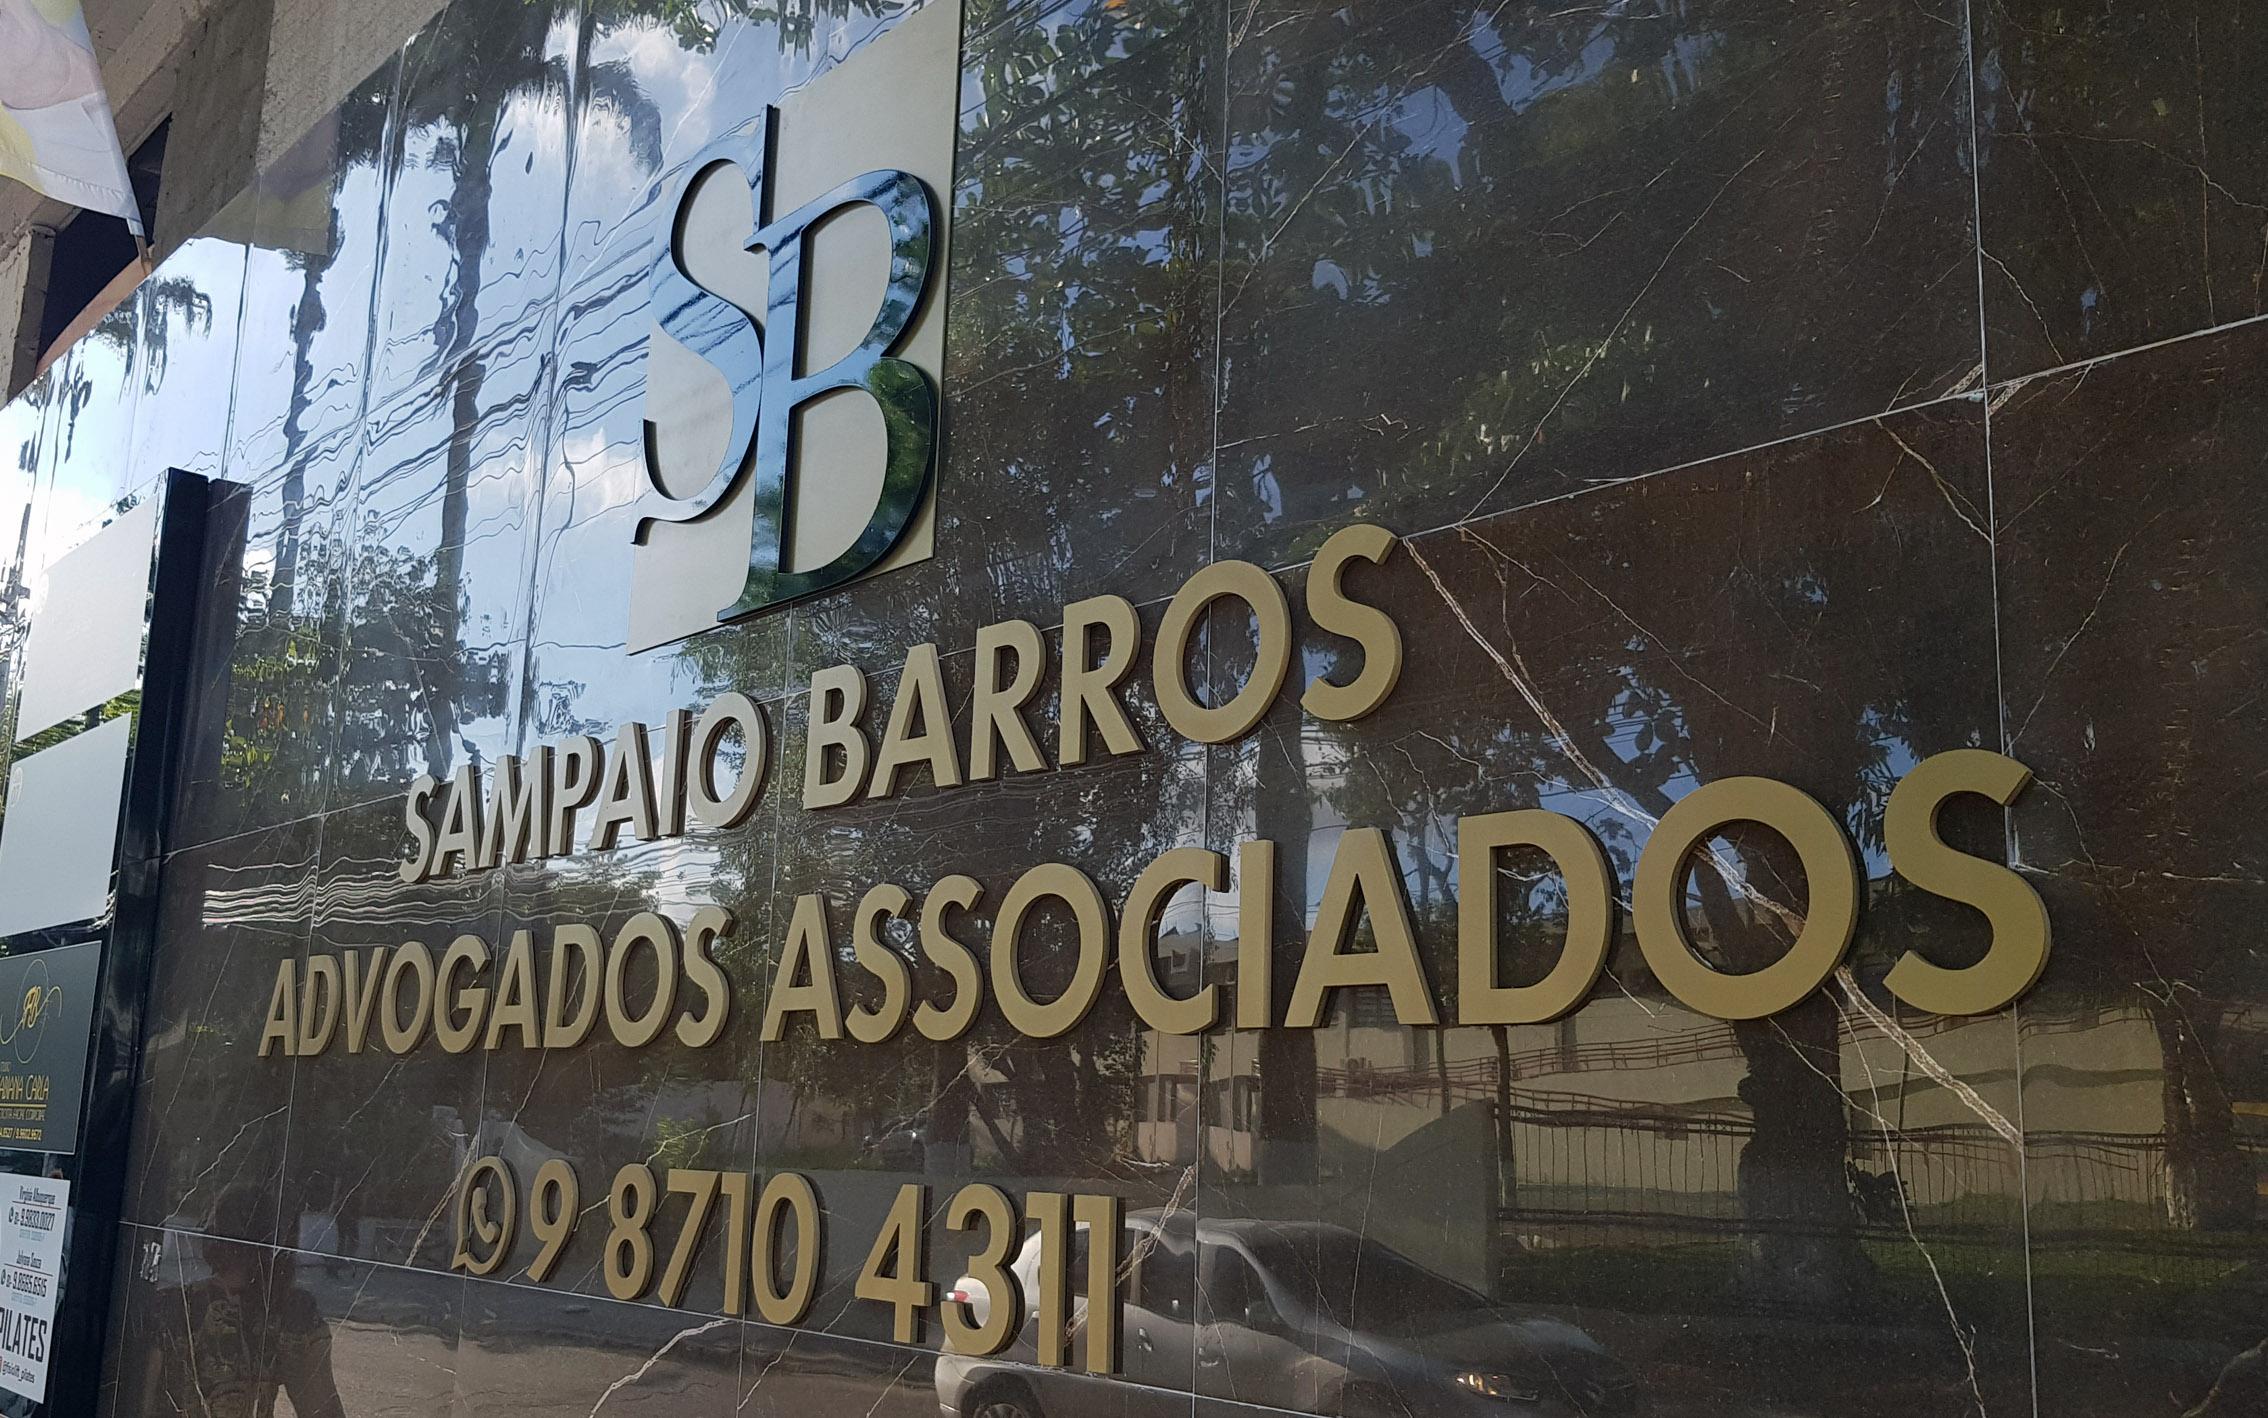 https://0201.nccdn.net/4_2/000/000/017/e75/atelier2---sampaio-barros-advogado.jpg